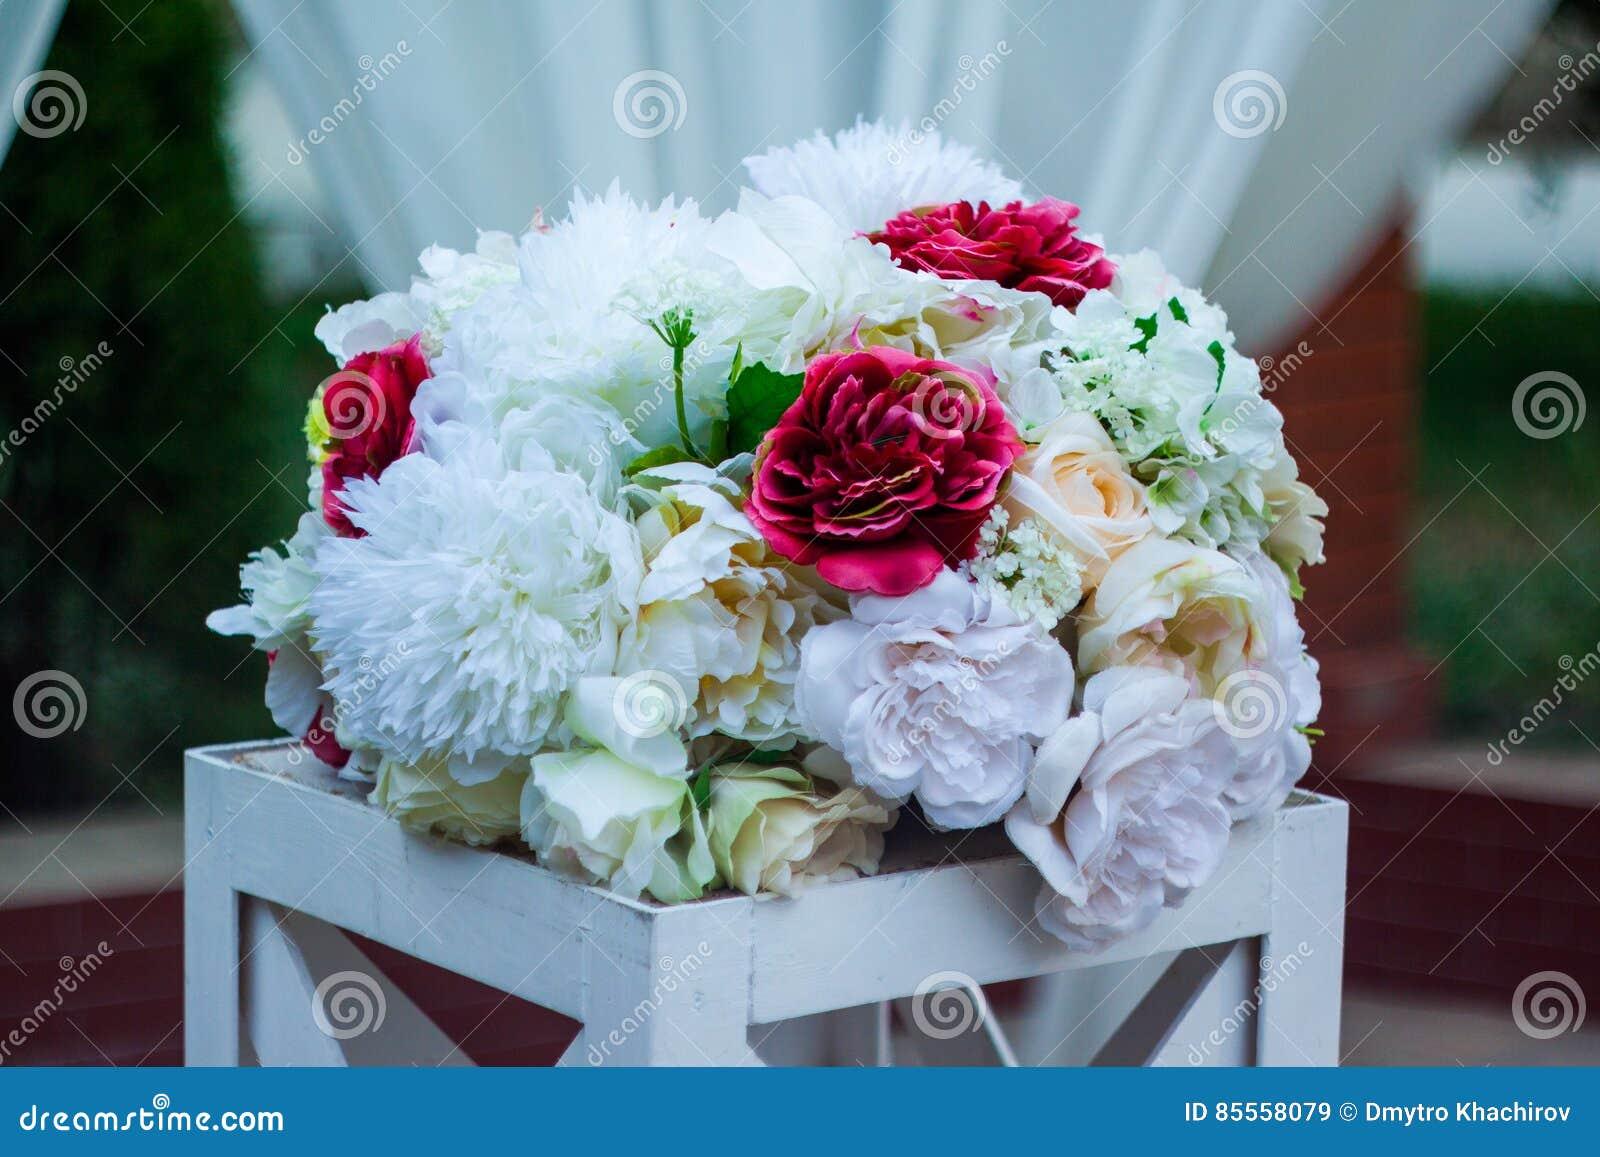 Blumenstrauß von künstlichen Blumen